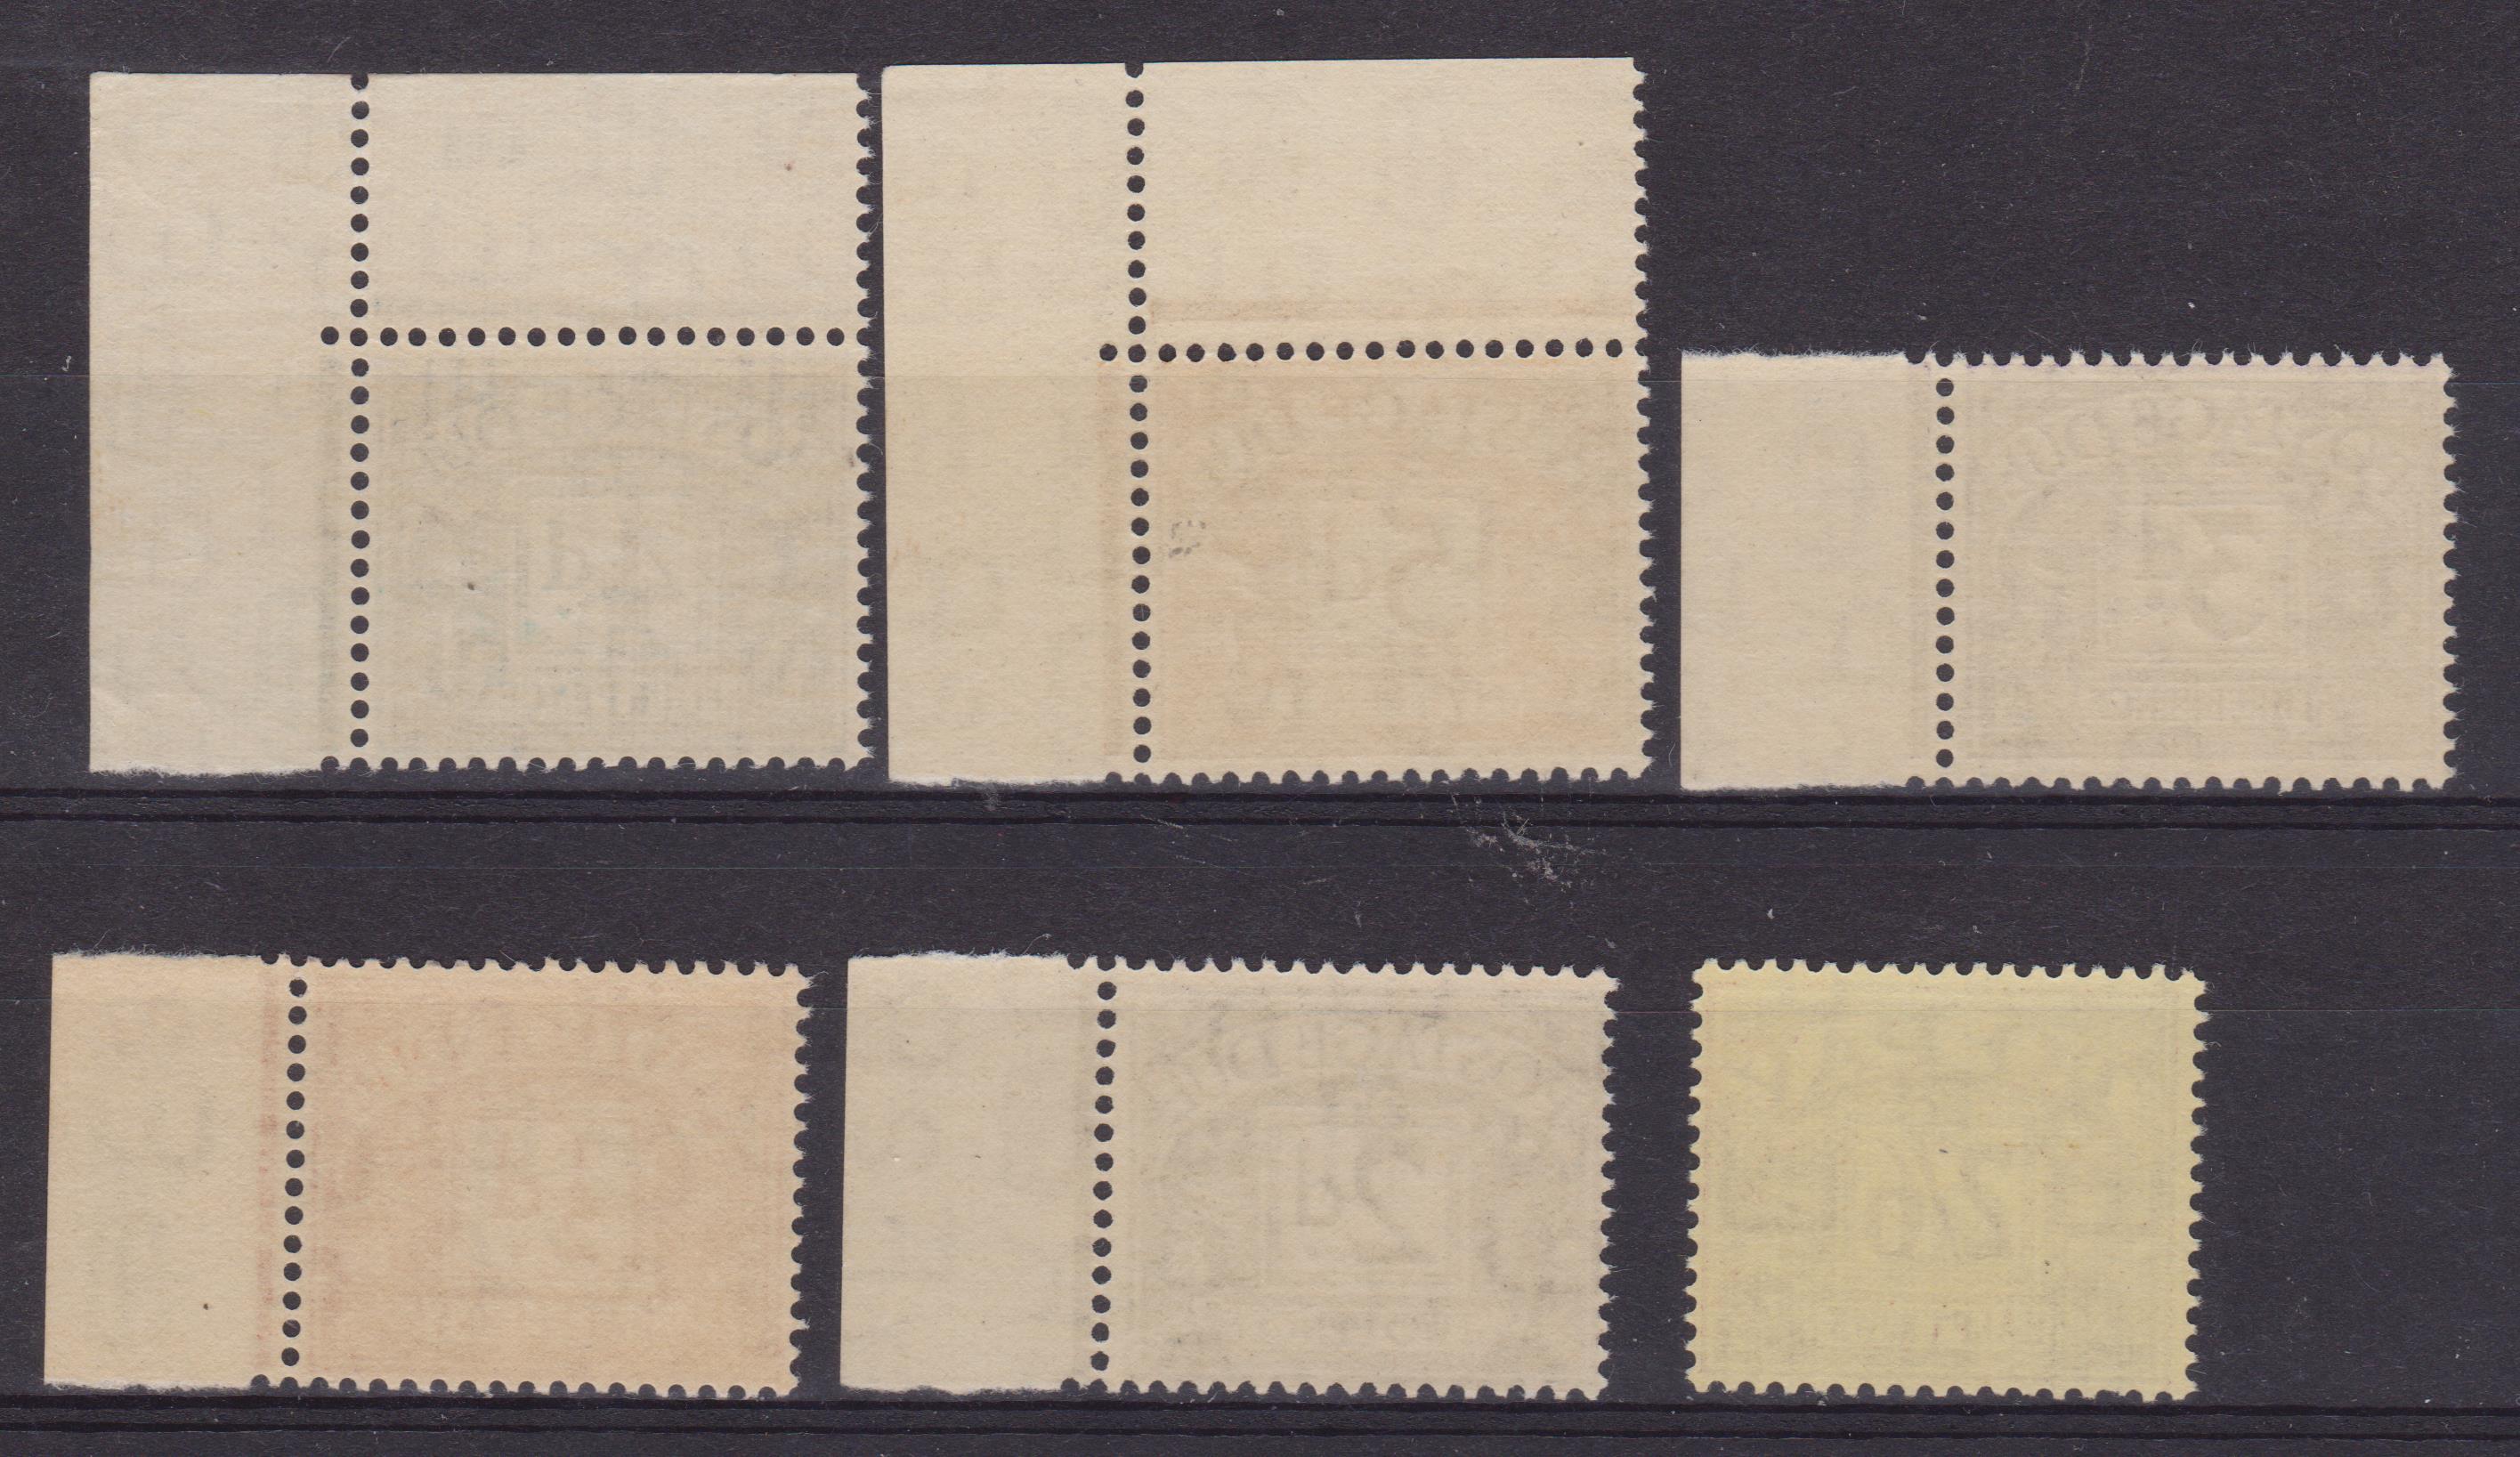 gran bretagna retro 97-42 001